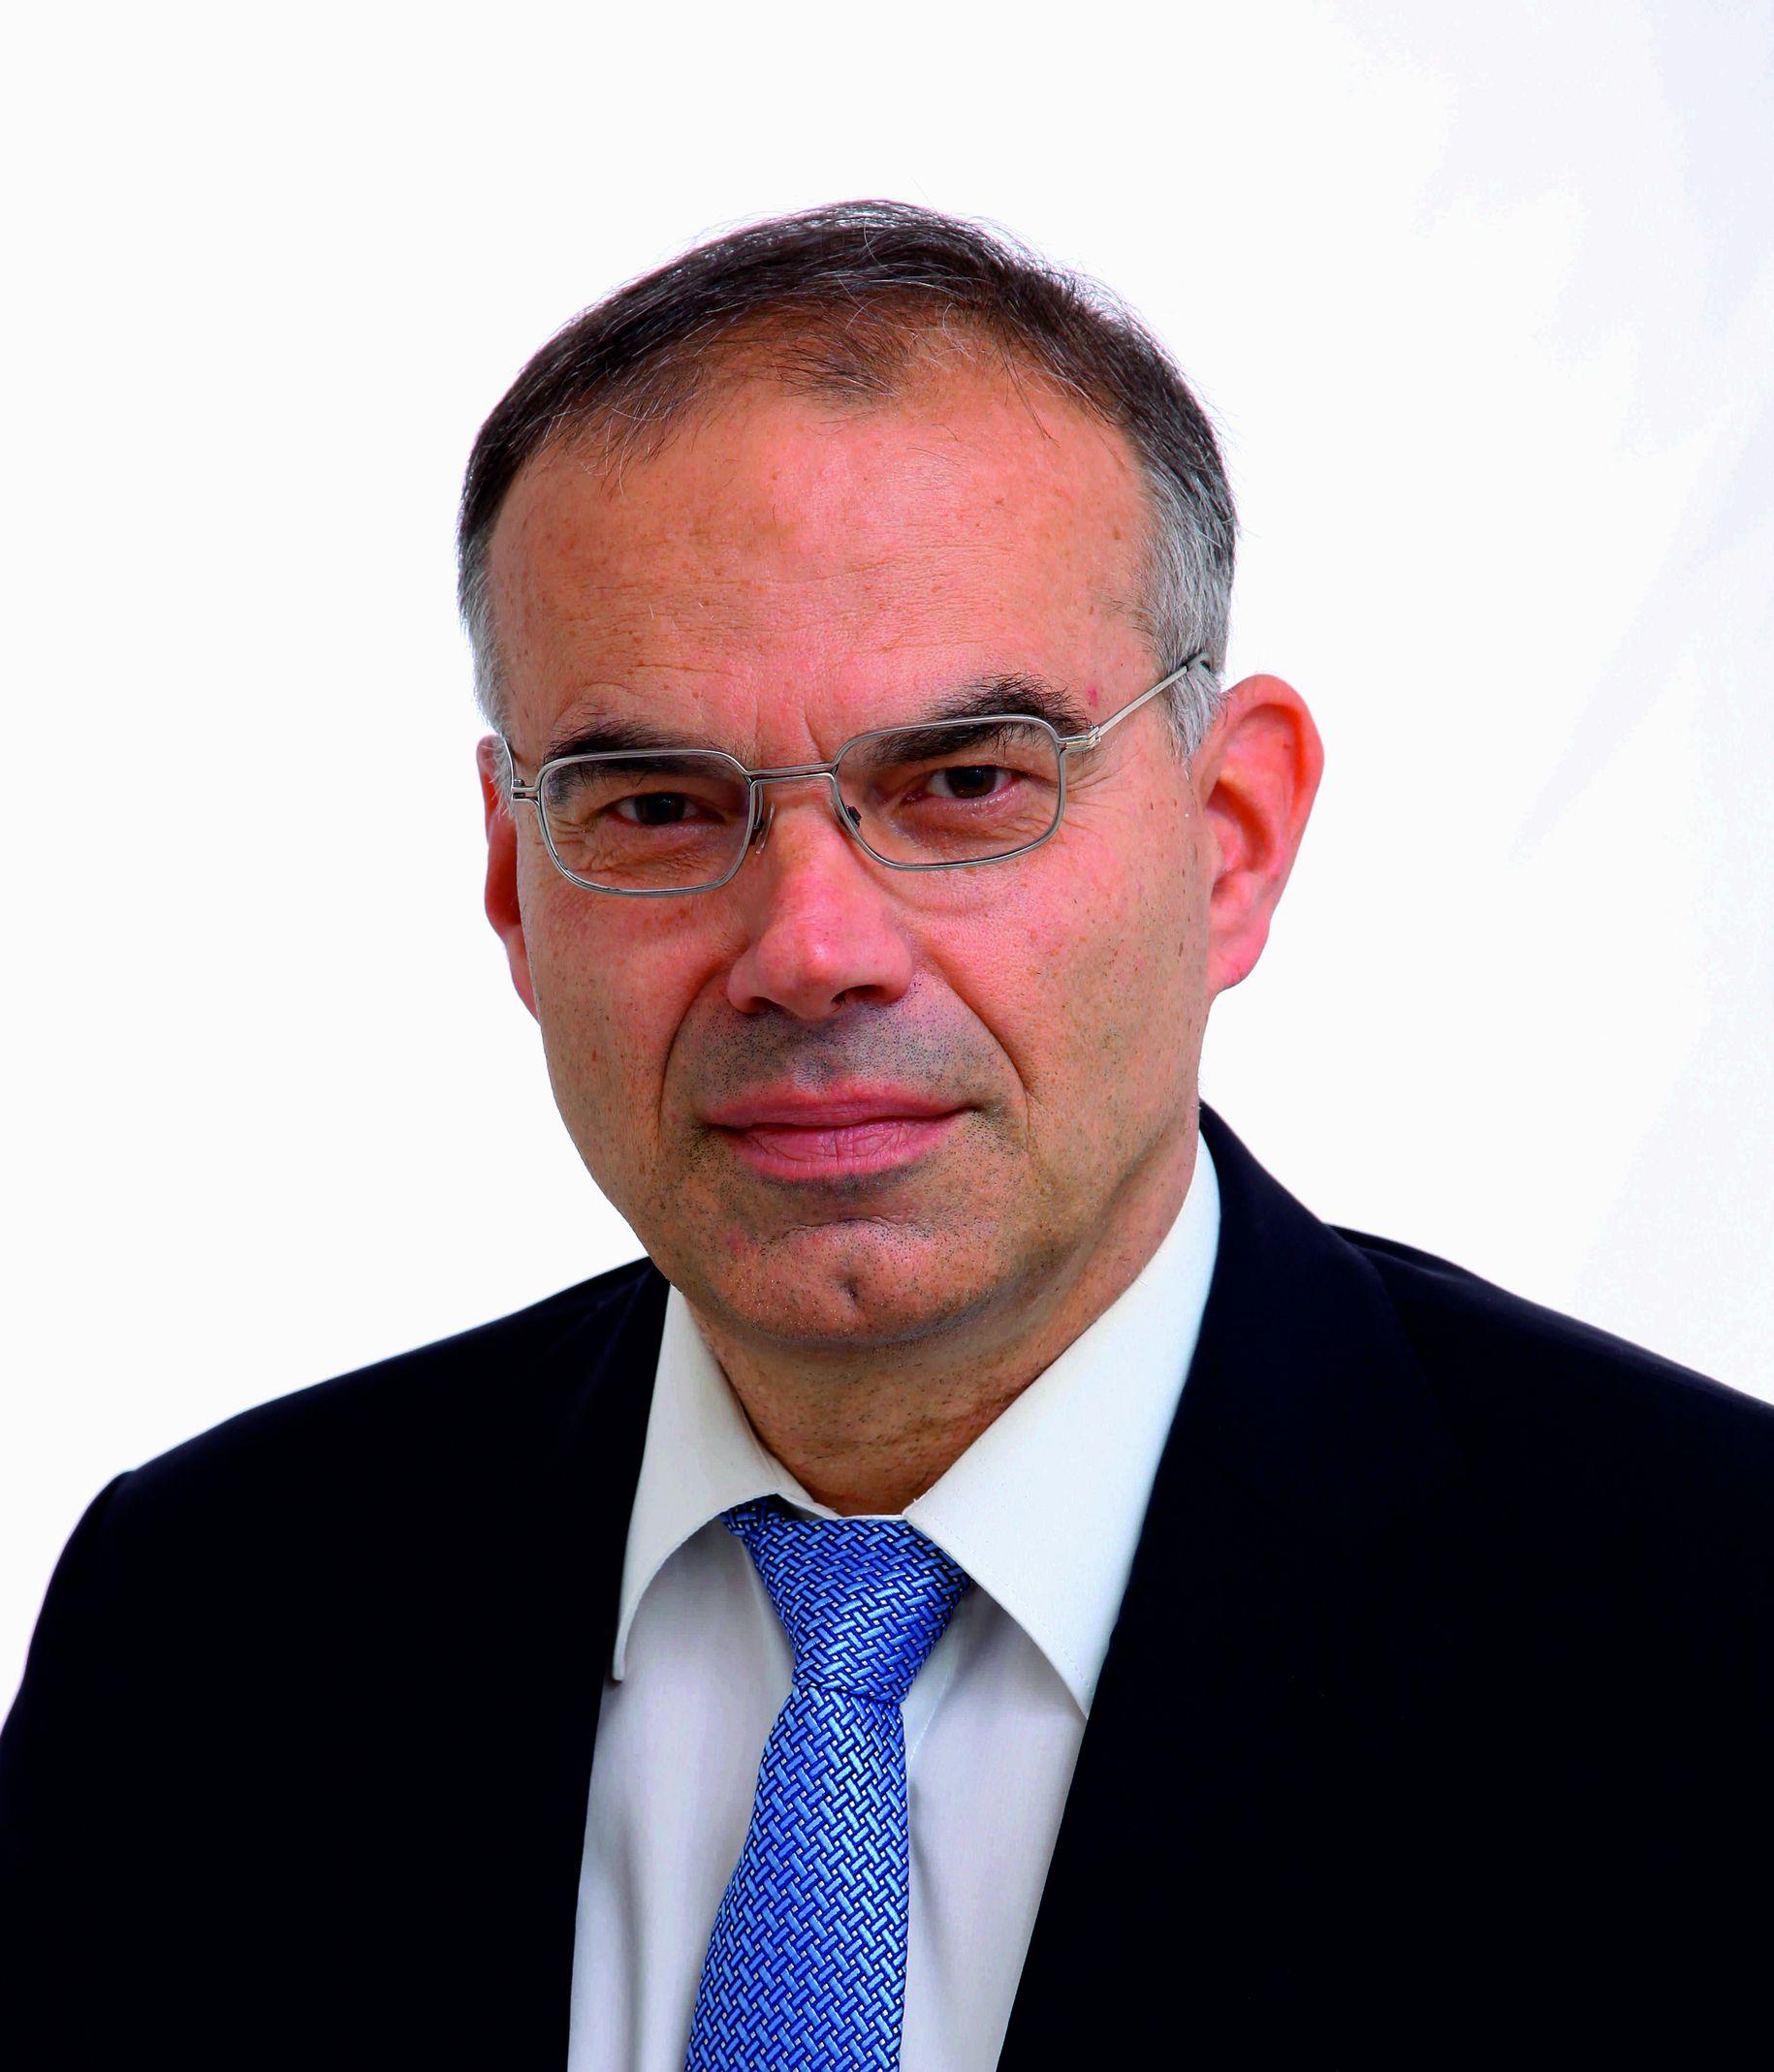 Reinhold Walz, Geschäftsführer, Gewatec Systemlösungen GmbH, Wehingen